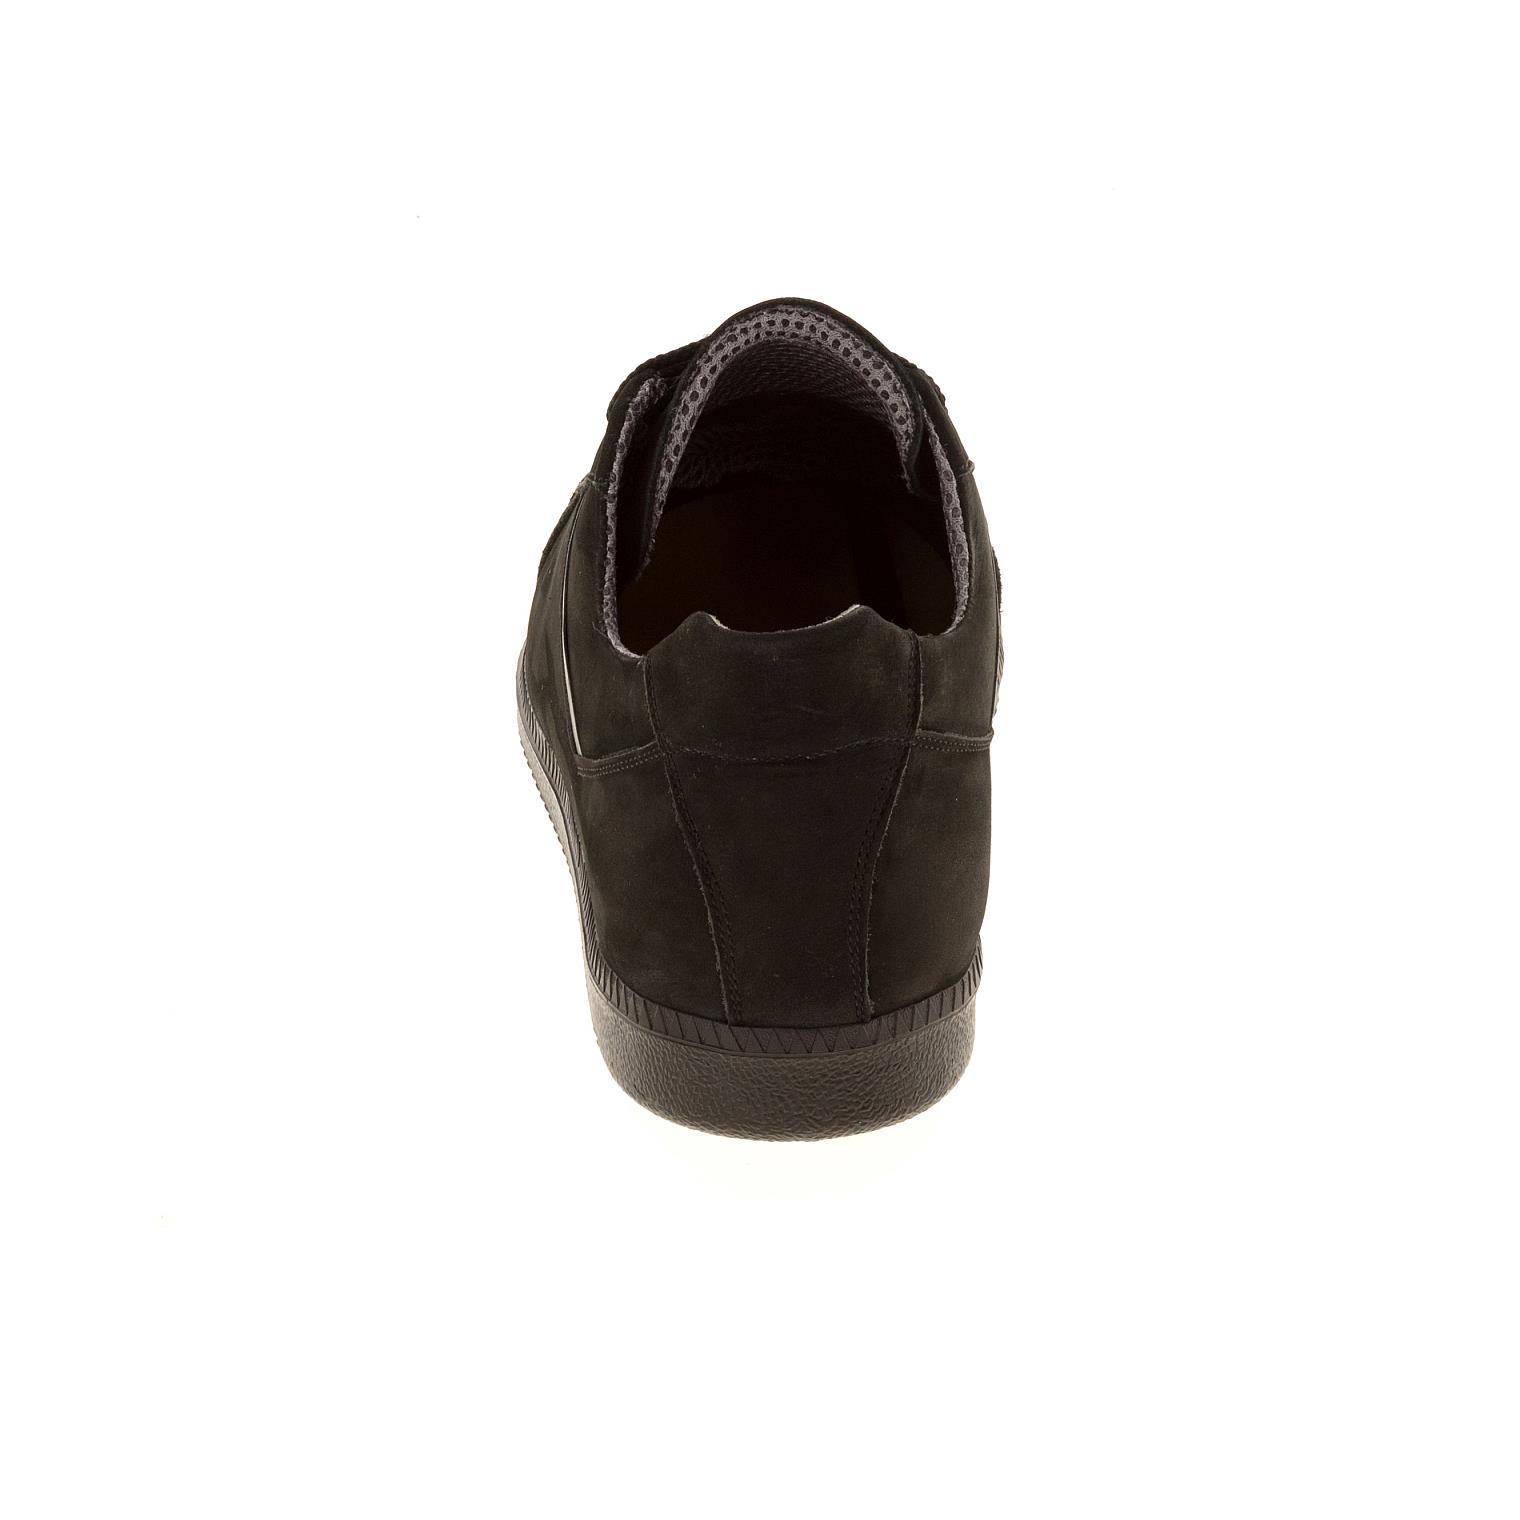 649396 полуботинки мужские черные больших размеров марки Делфино